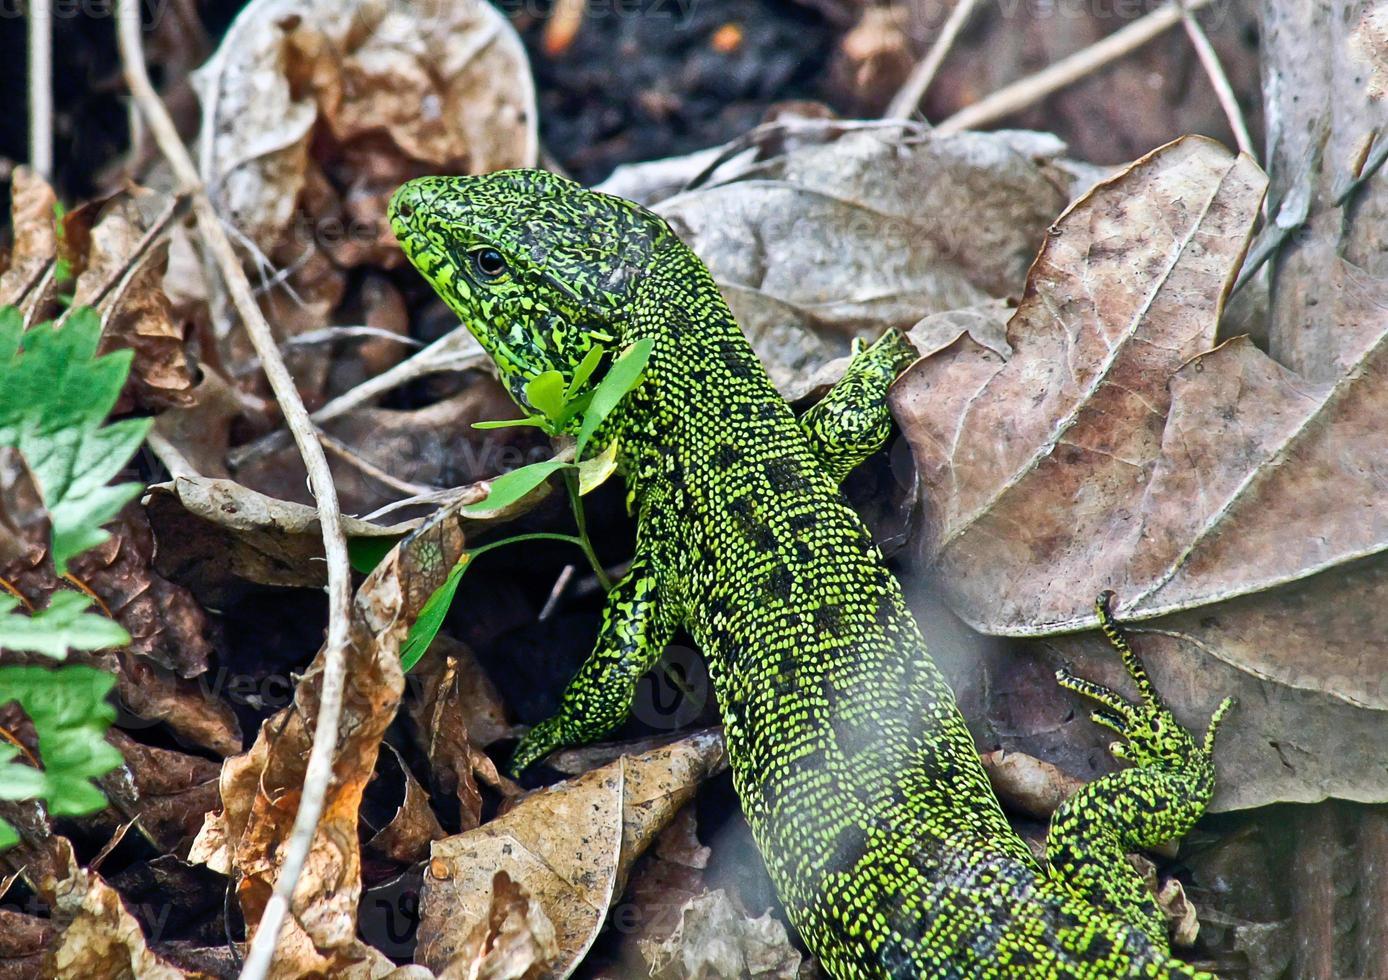 Green lizard of dry grass. photo